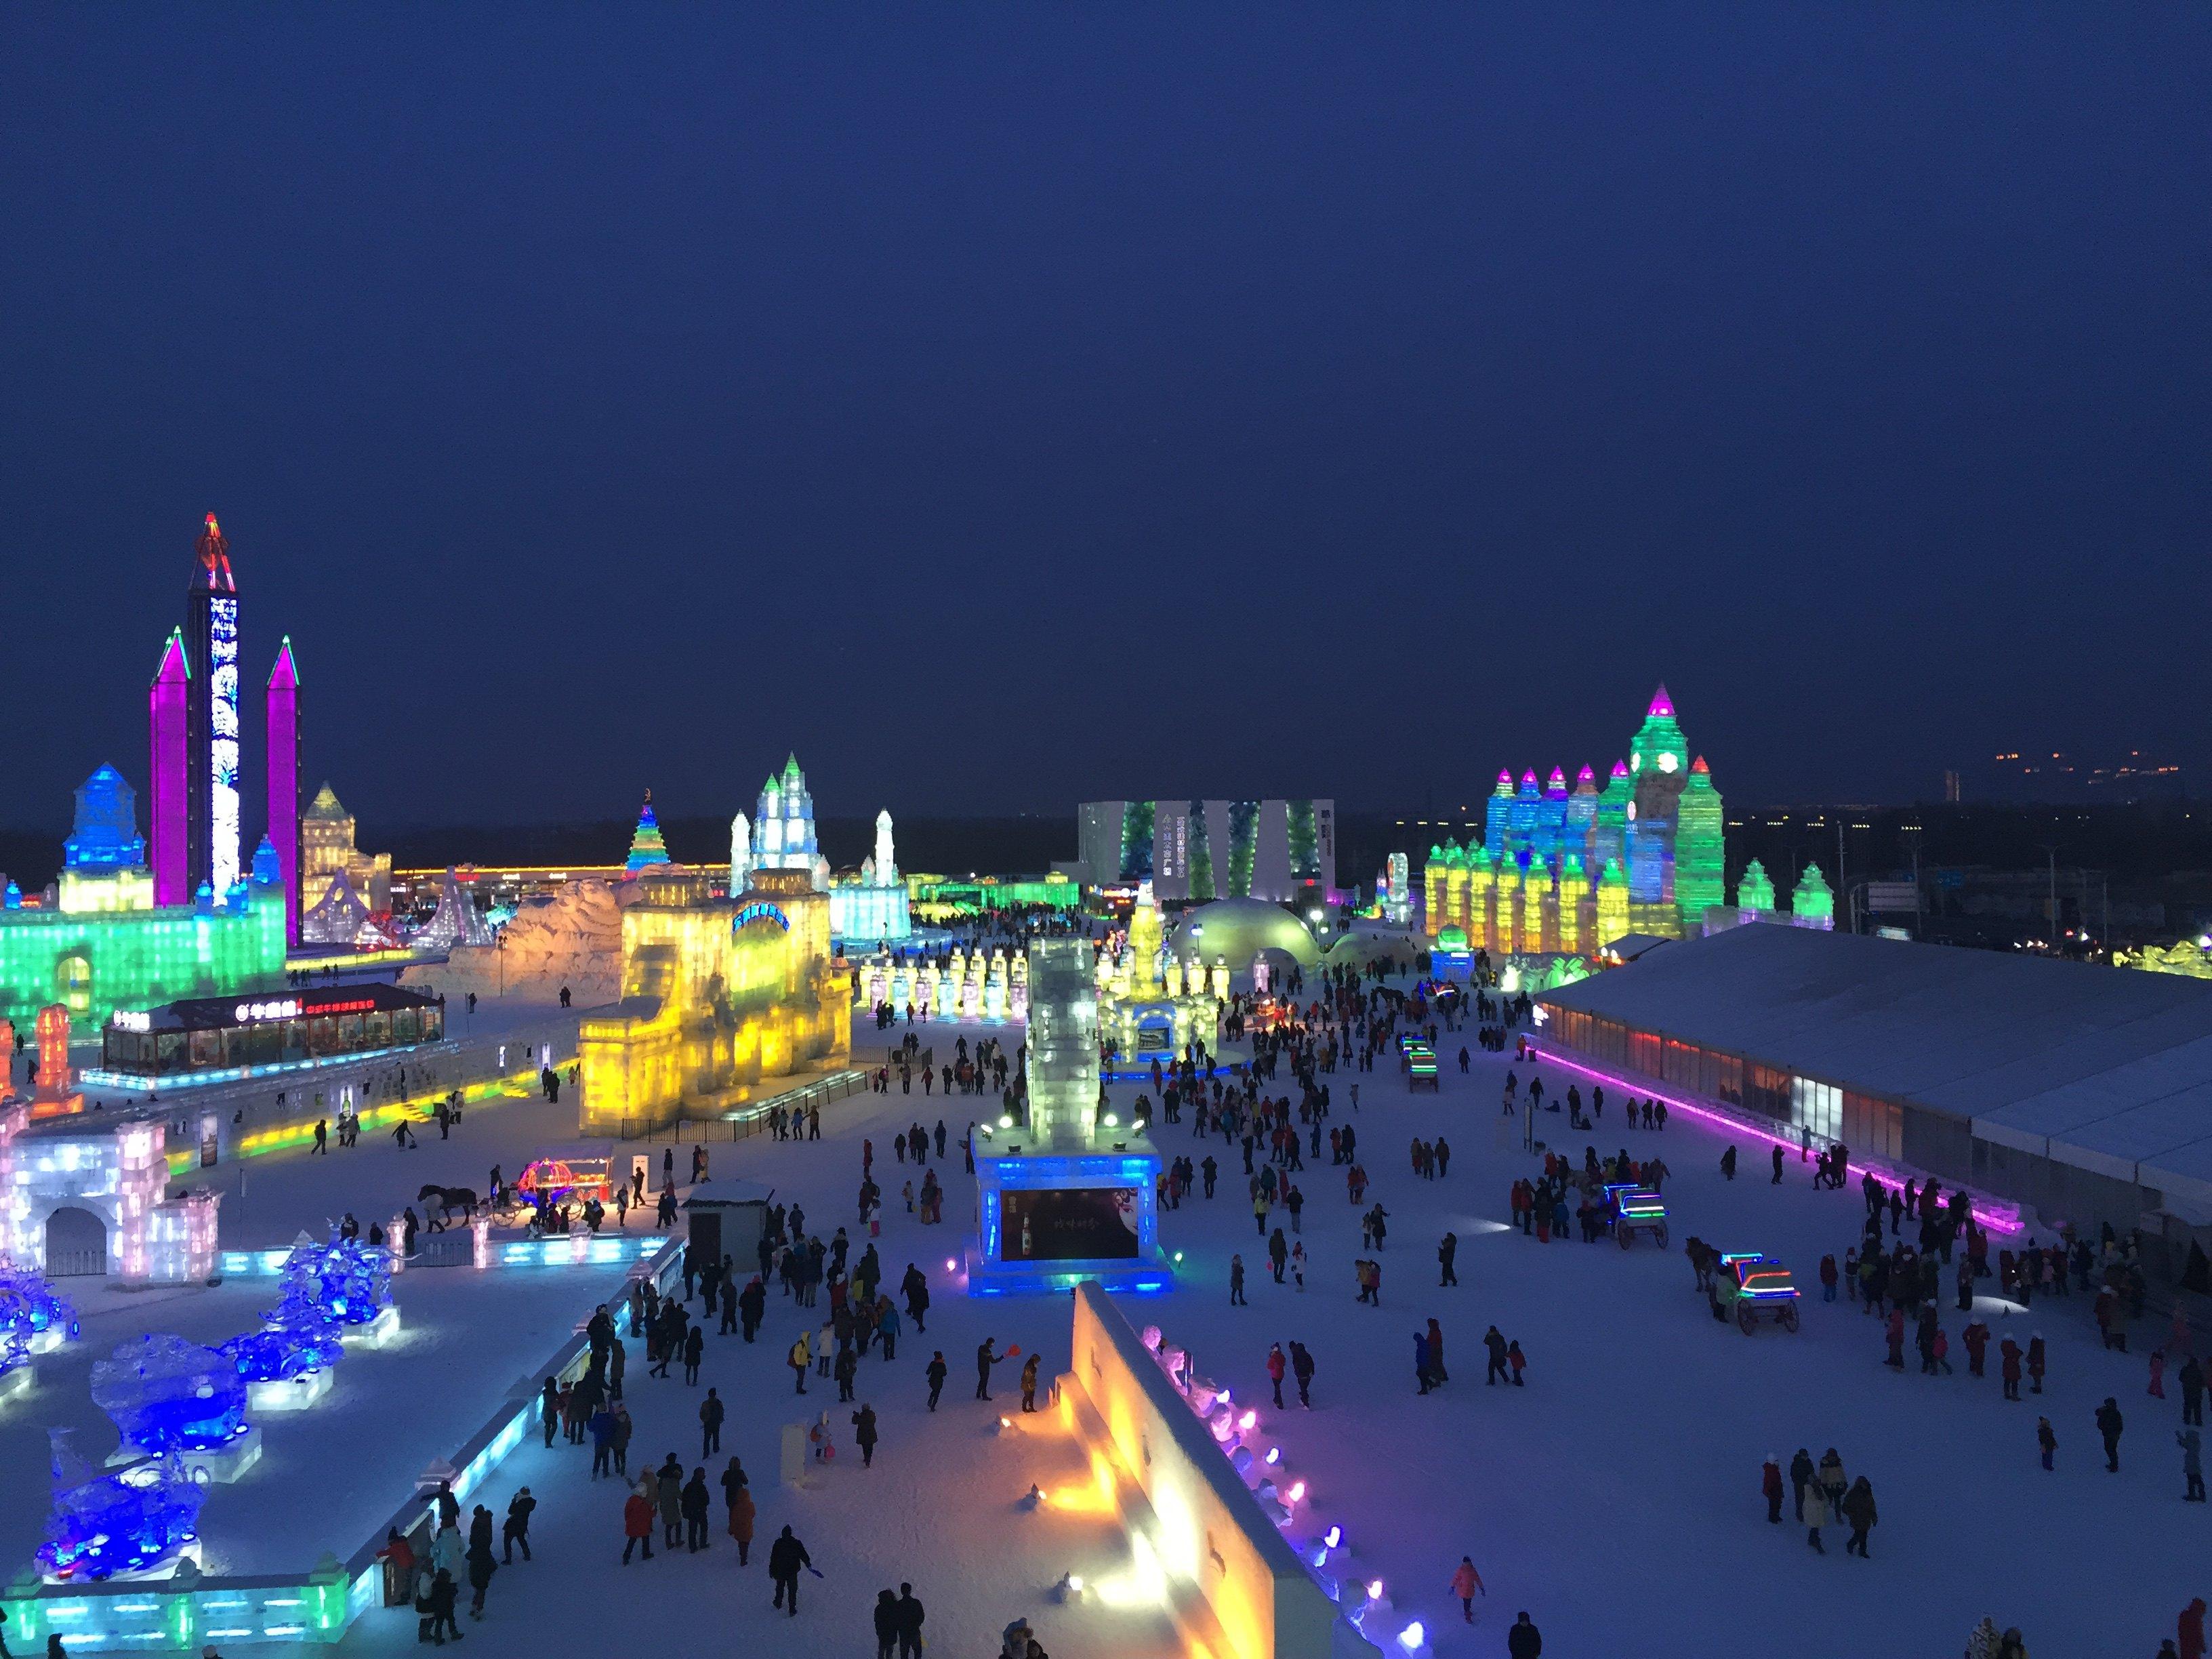 去哈尔滨冰雪大世界_【携程攻略】哈尔滨哈尔滨冰雪大世界景点,冲着冰雪大世界带着 ...